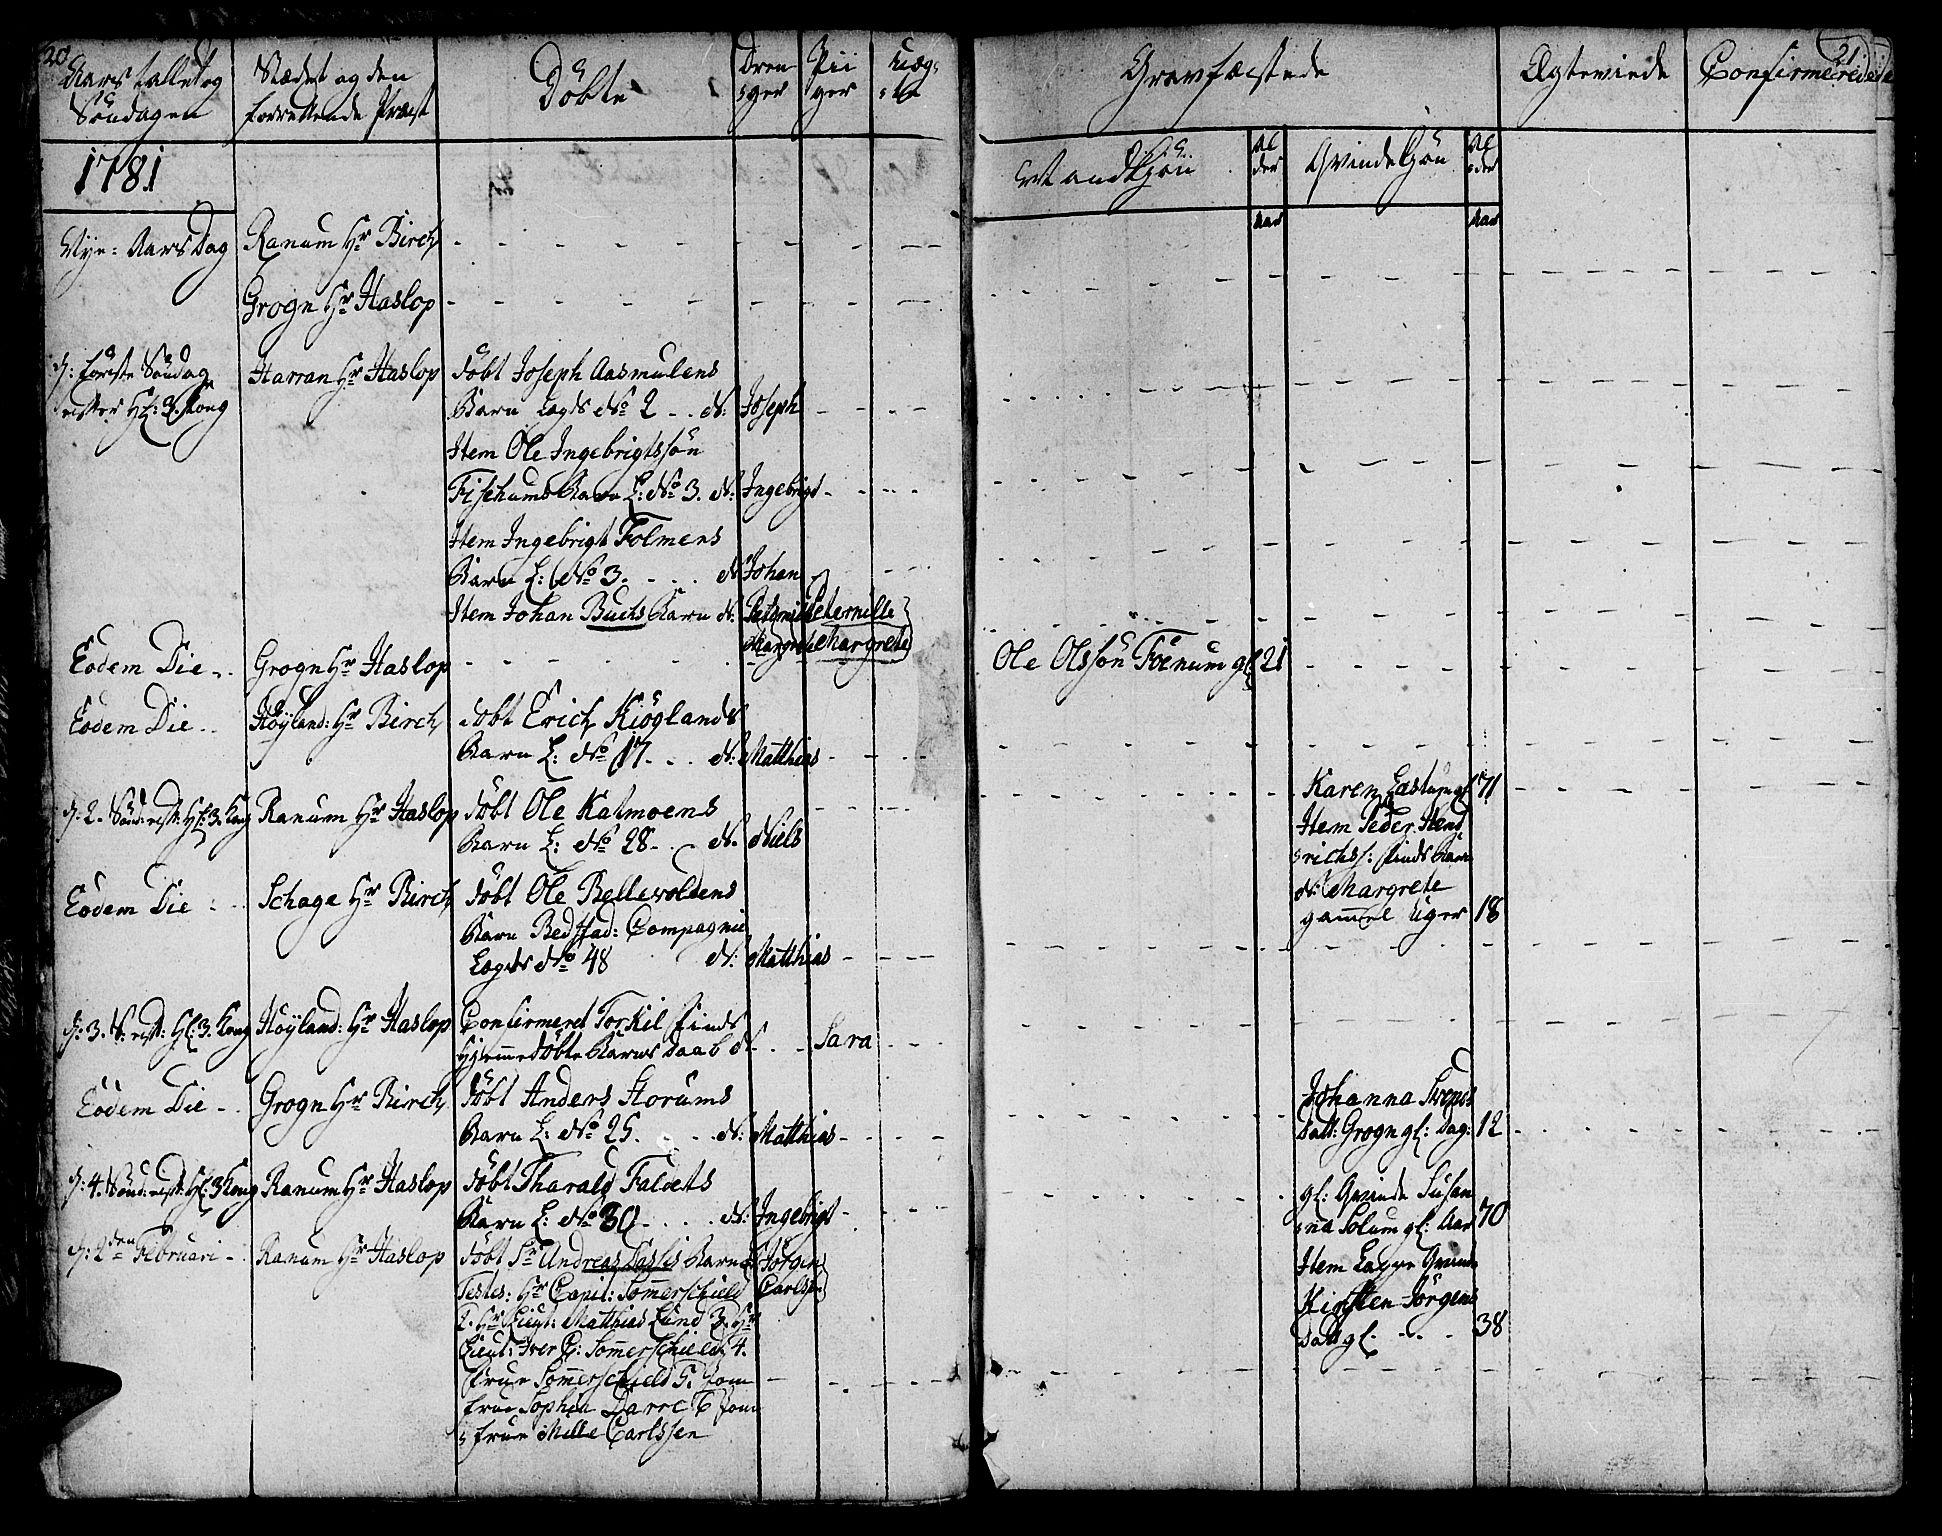 SAT, Ministerialprotokoller, klokkerbøker og fødselsregistre - Nord-Trøndelag, 764/L0544: Ministerialbok nr. 764A04, 1780-1798, s. 20-21